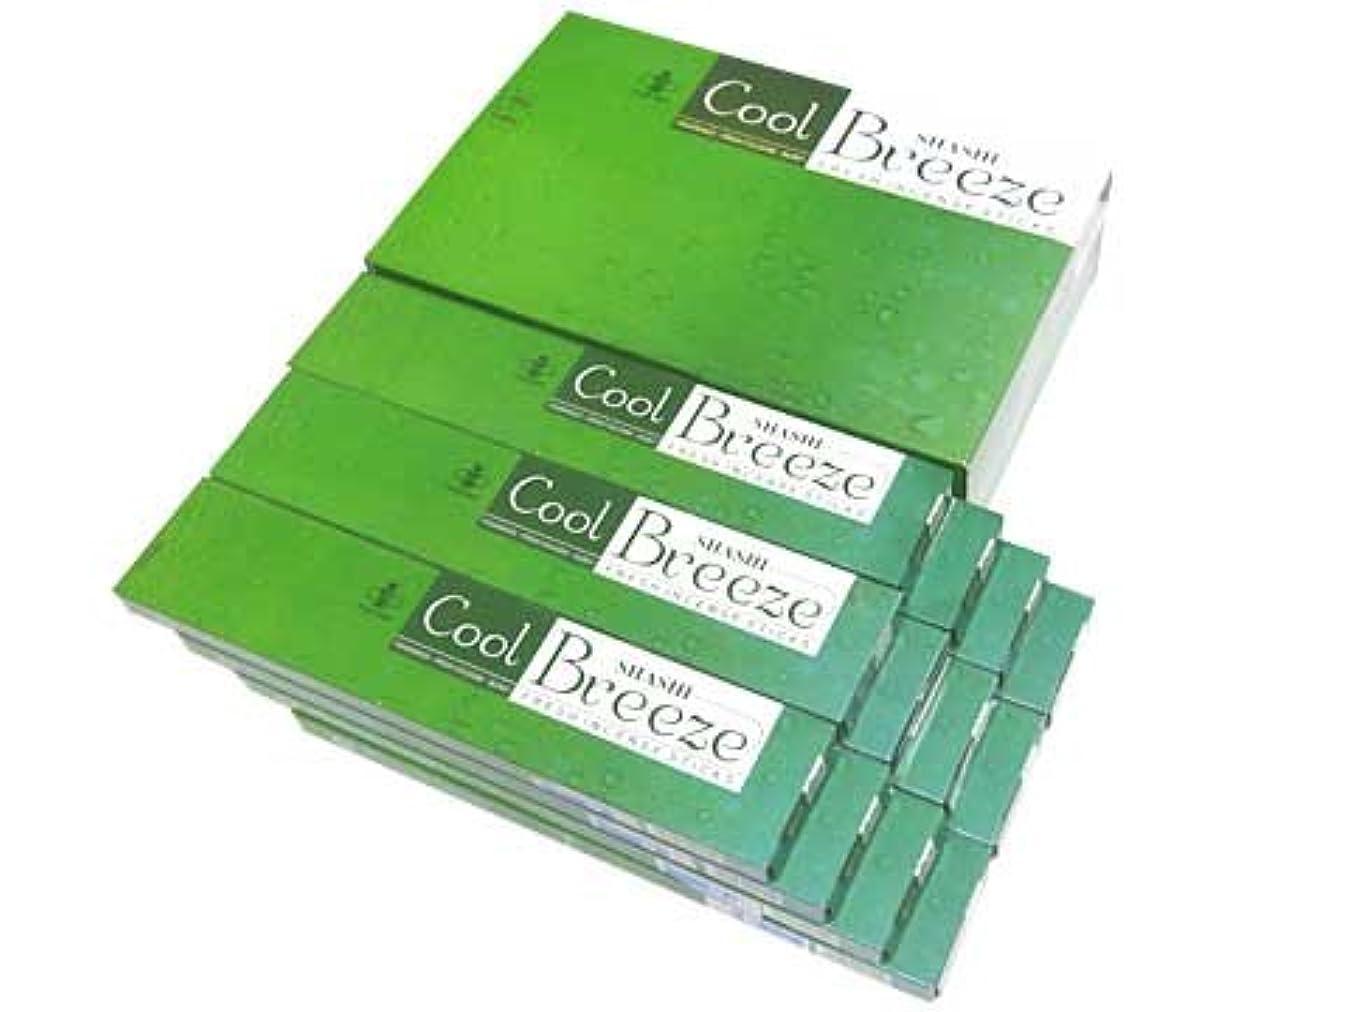 予防接種釈義満足できるSHASHI(シャシ) クールブリーズ香 スティック COOL BLEEZE 12箱セット